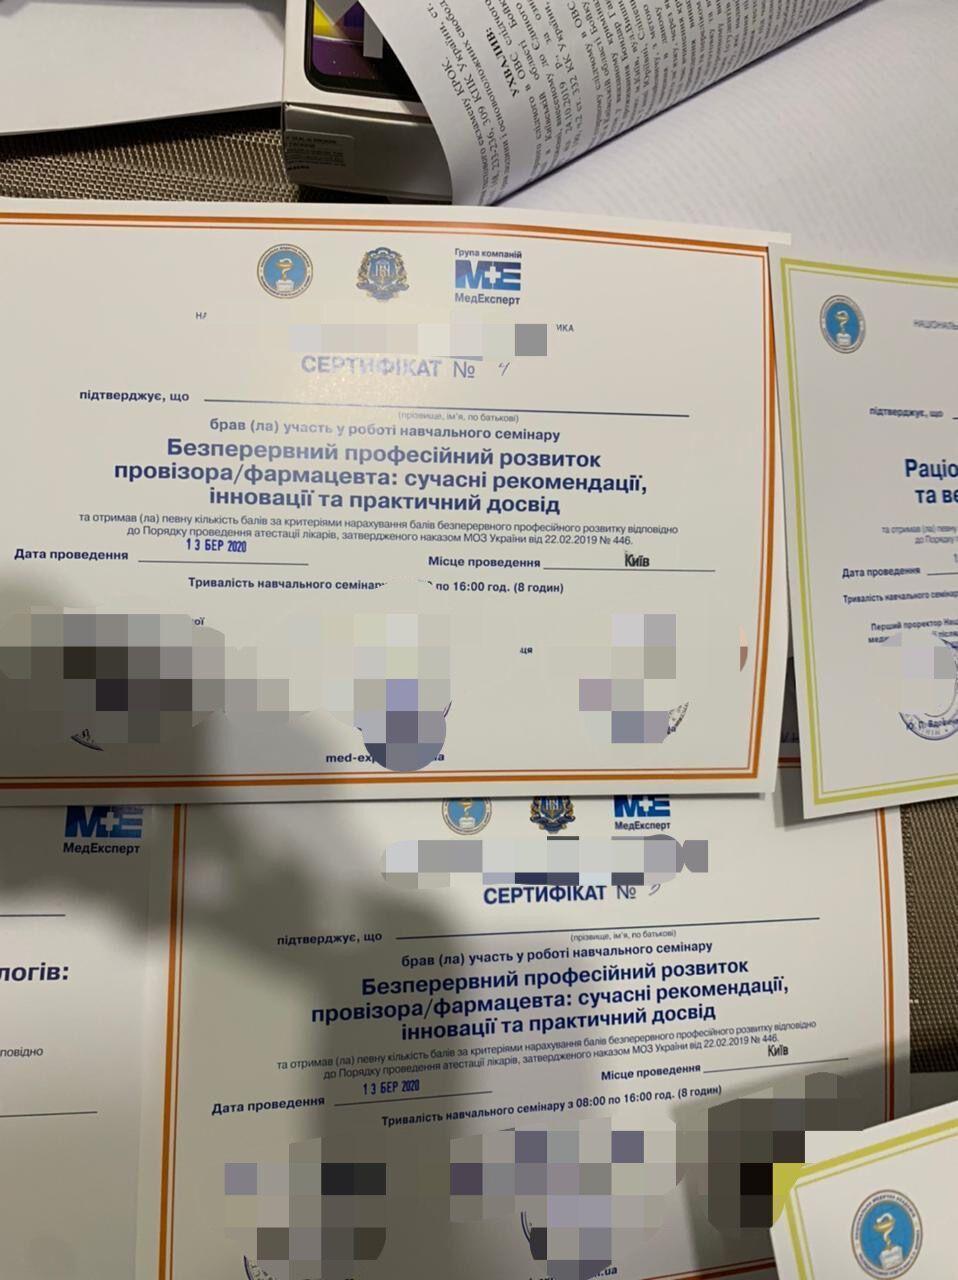 В феврале 2021 года правоохранители разоблачили трех человек по факту мошенничества касательно сдачи экзамена КРОК (ч.4 ст.190 УК Украины).